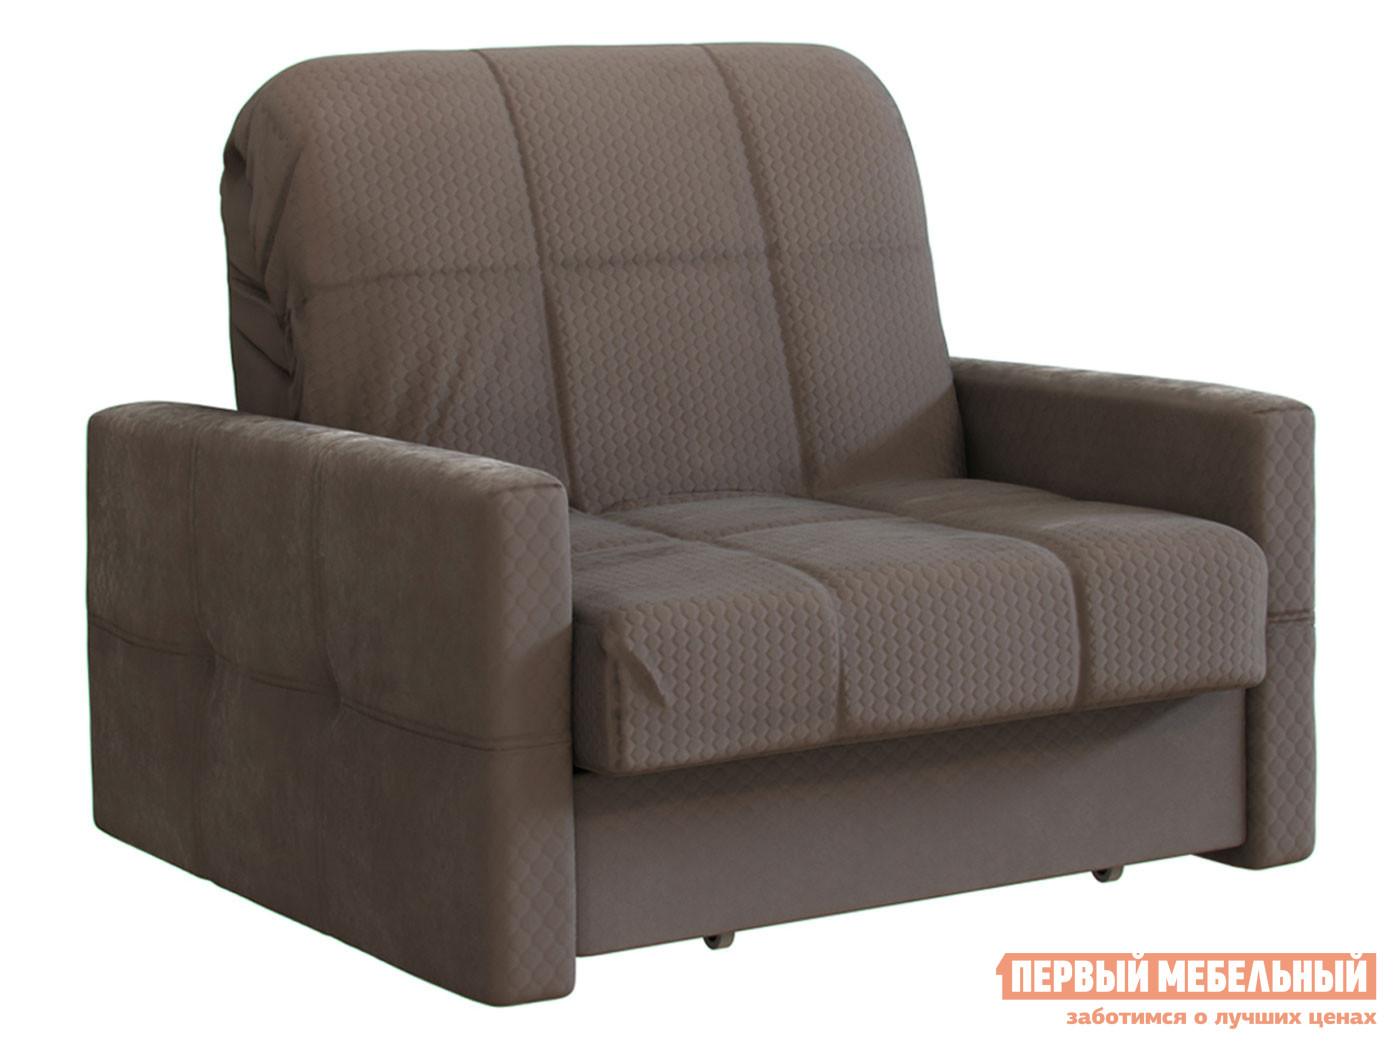 Кресло-кровать Первый Мебельный Неро Люкс кресло кровать первый мебельный марио люкс